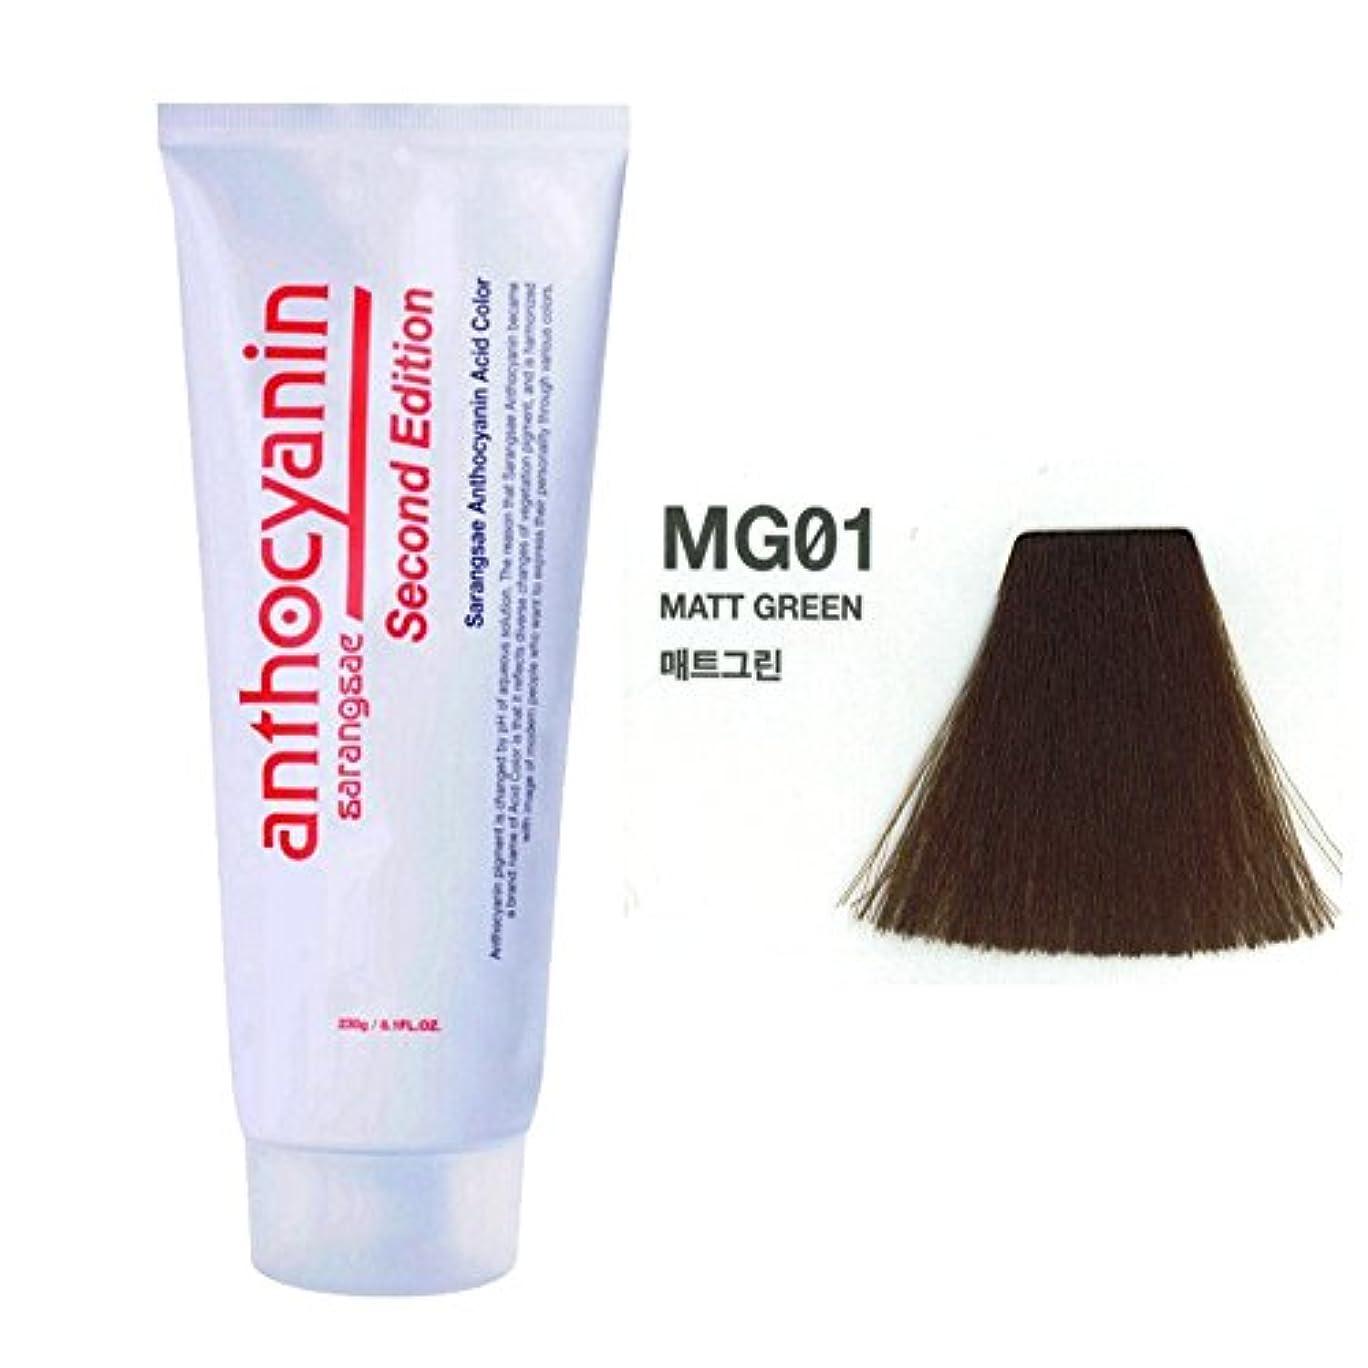 同封するスペイン語胚芽ヘア マニキュア カラー セカンド エディション 230g セミ パーマネント 染毛剤 (Hair Manicure Color Second Edition 230g Semi Permanent Hair Dye) [並行輸入品] (MG01 Marr Green)